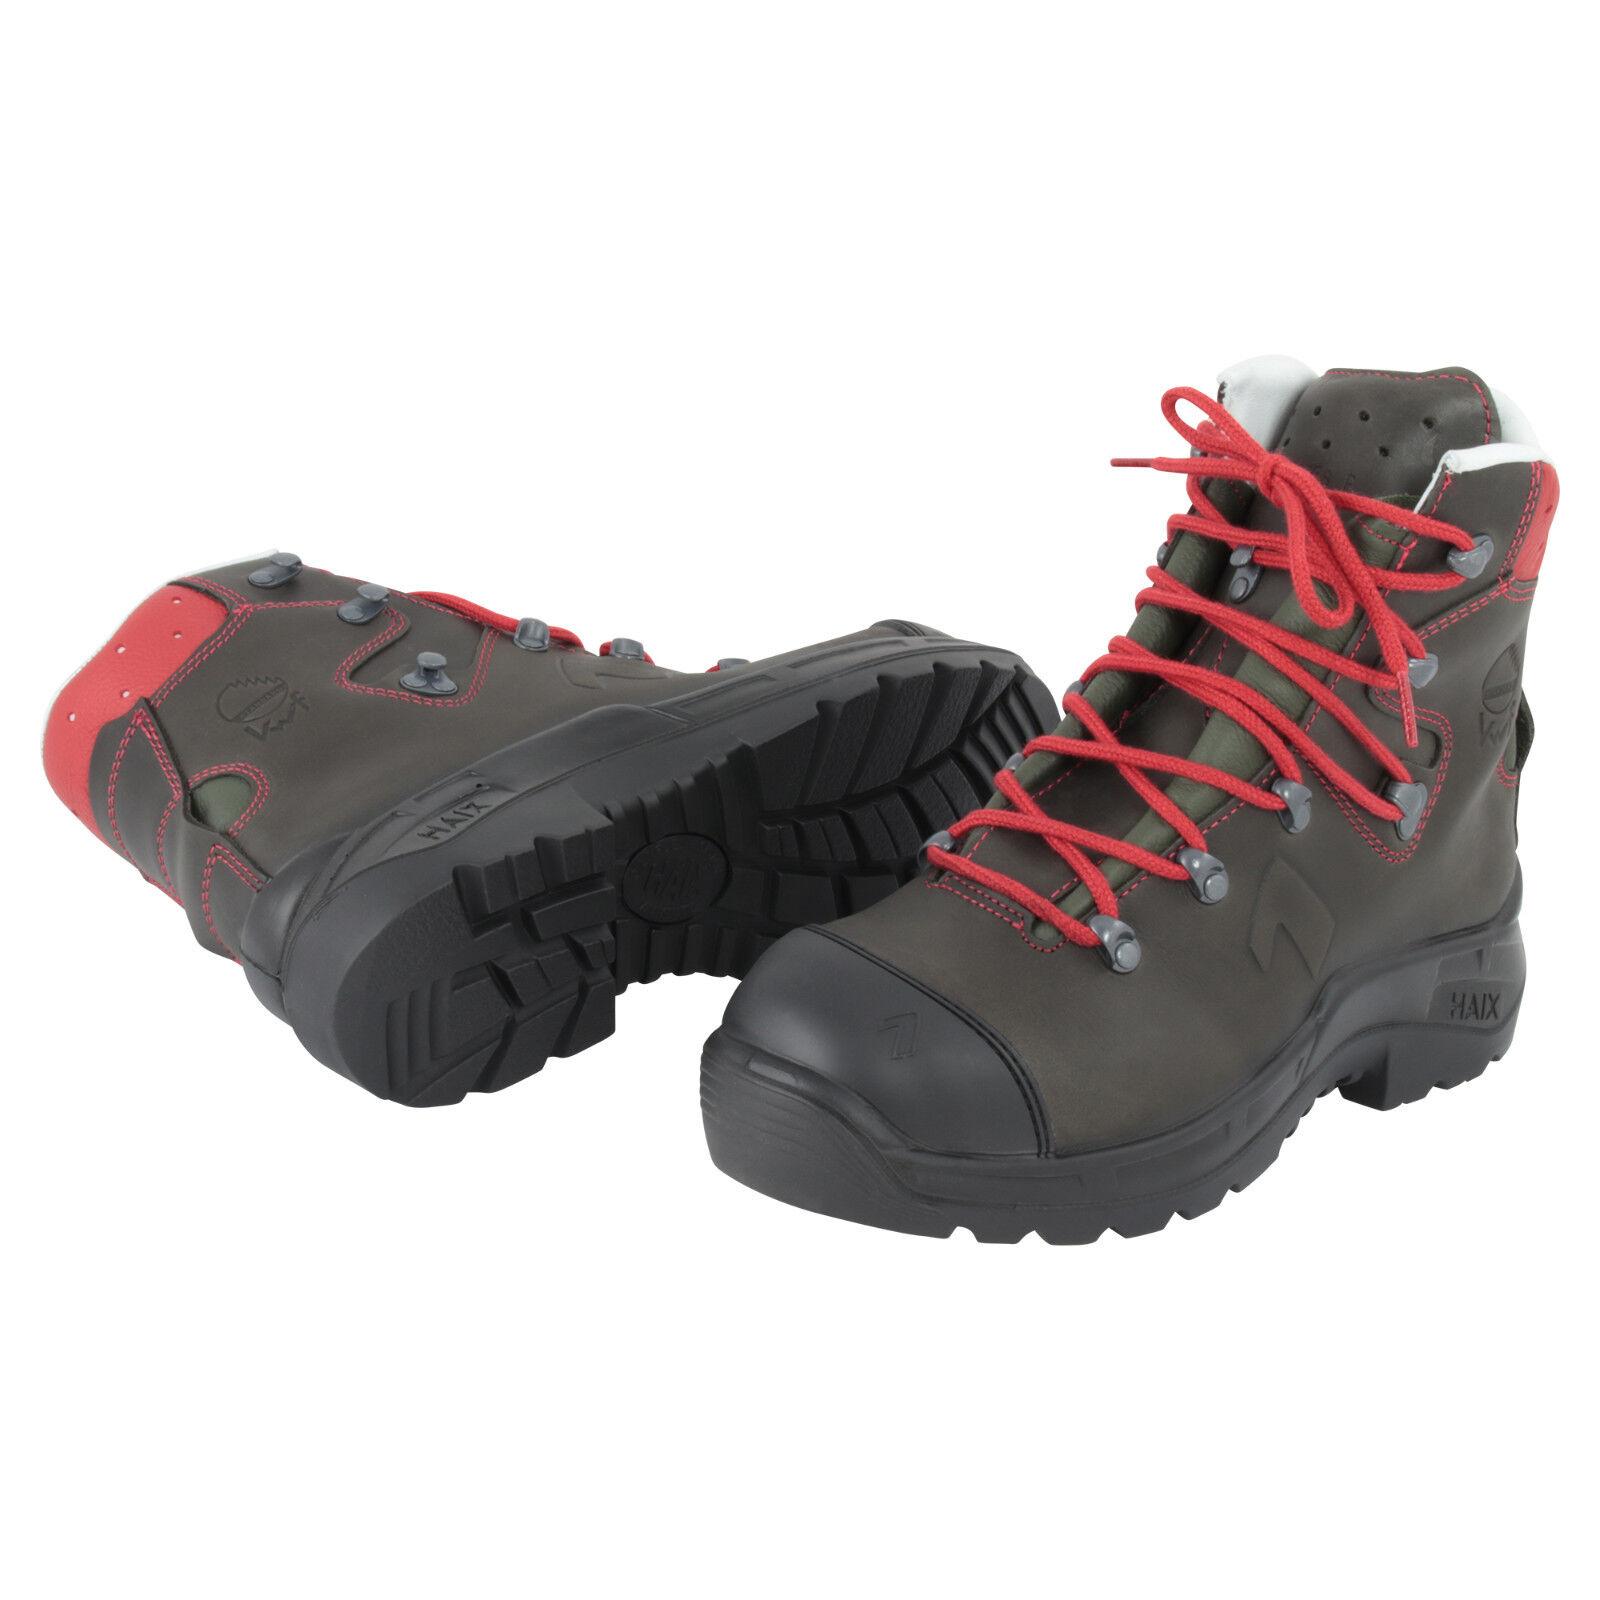 Coupe de prougeection forestière Bottes Travail Bottes Chaussures de sécurité s3 Prougeector Light